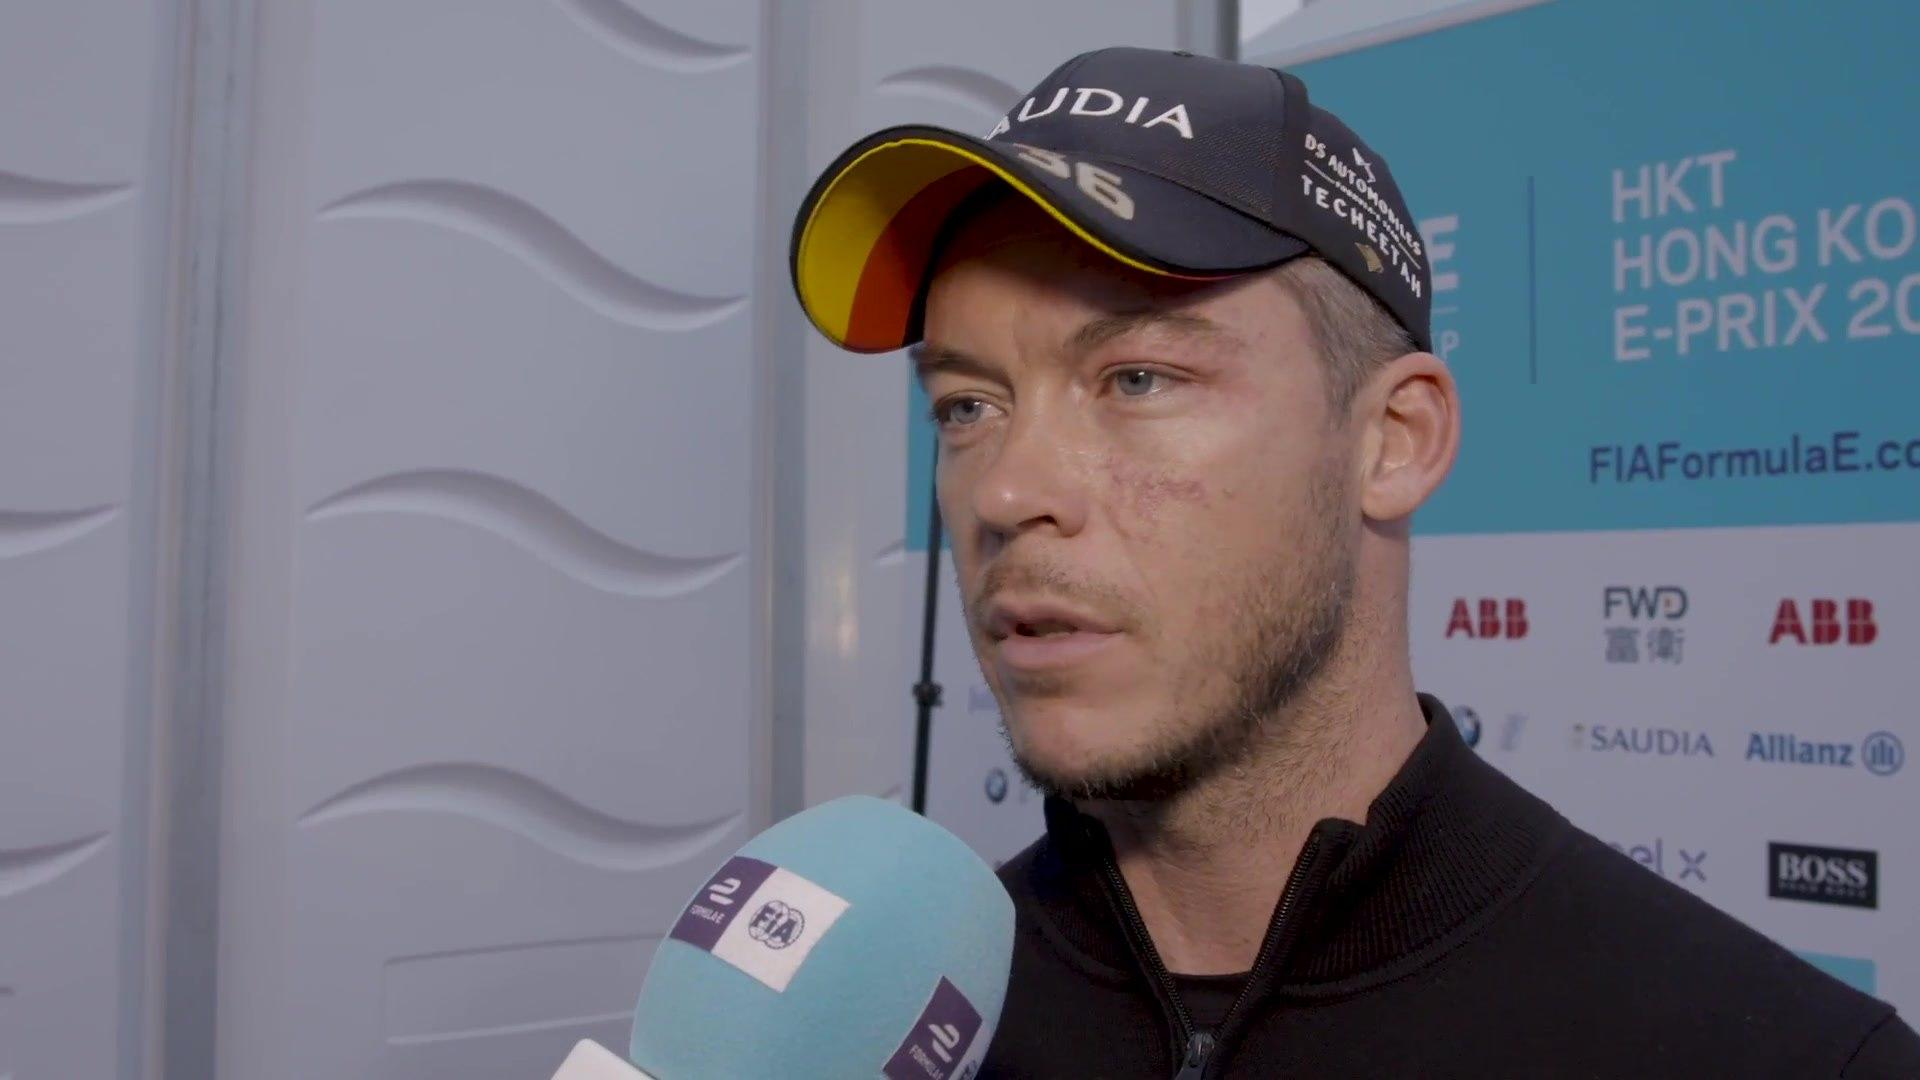 Formula E Hong Kong E-Prix 2019 Andre Lotterer PostRace